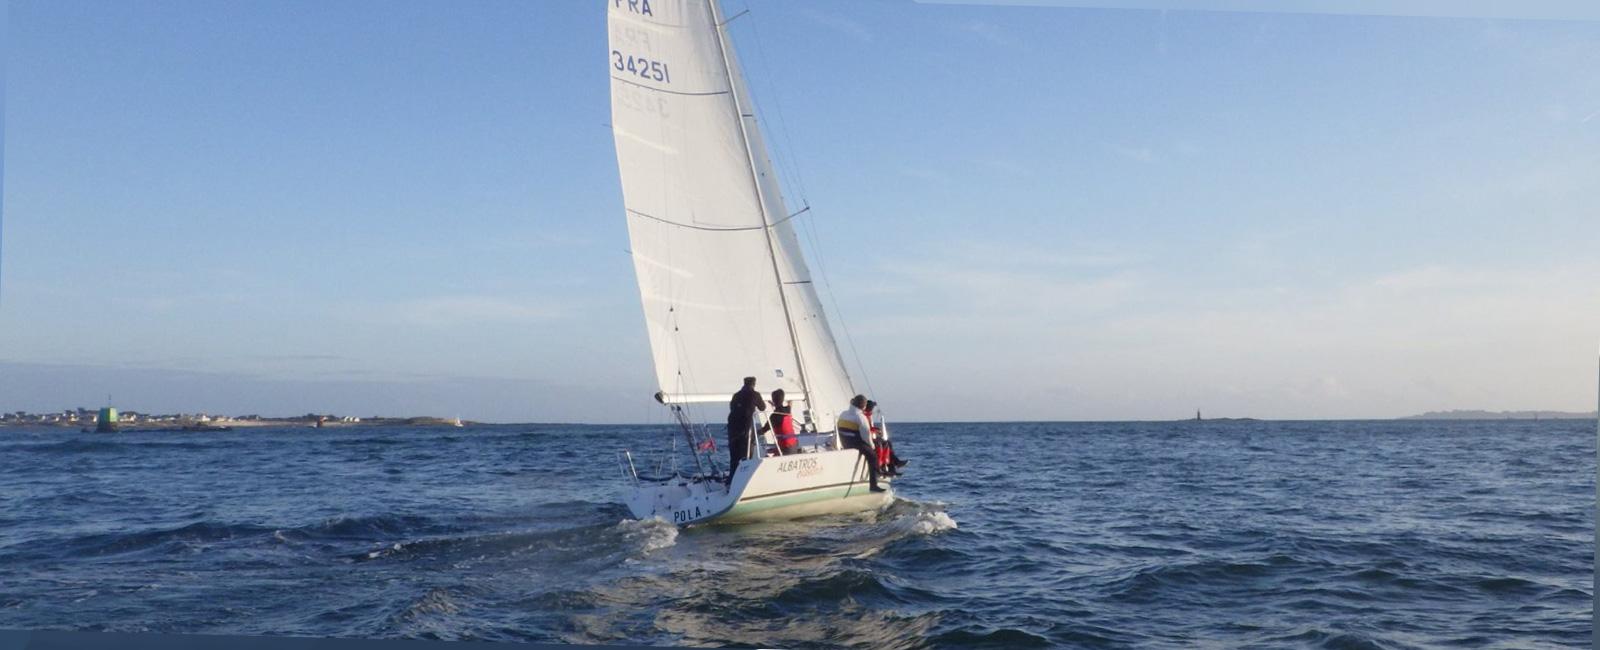 Bateau voilier en mer